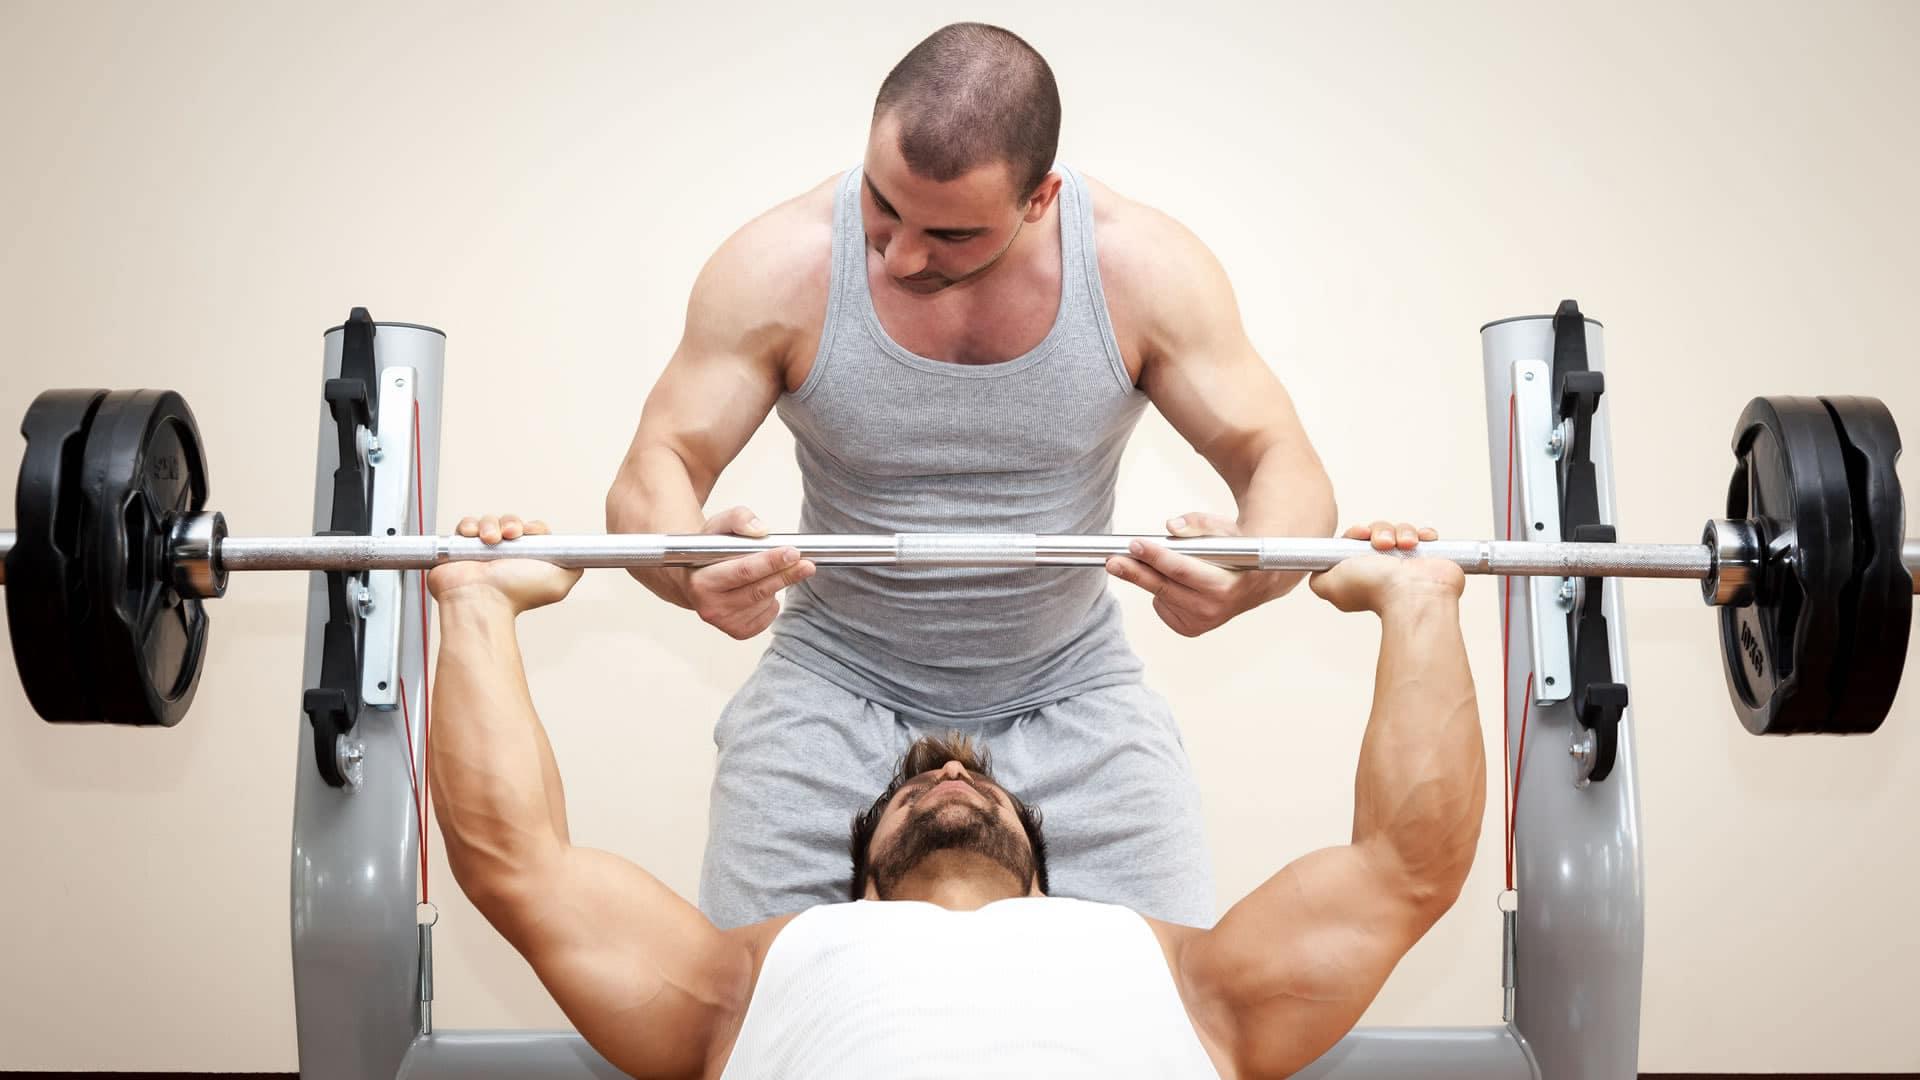 Rutinas y entrenamiento del pecho cambiatufisico for Rutinas gimnasio